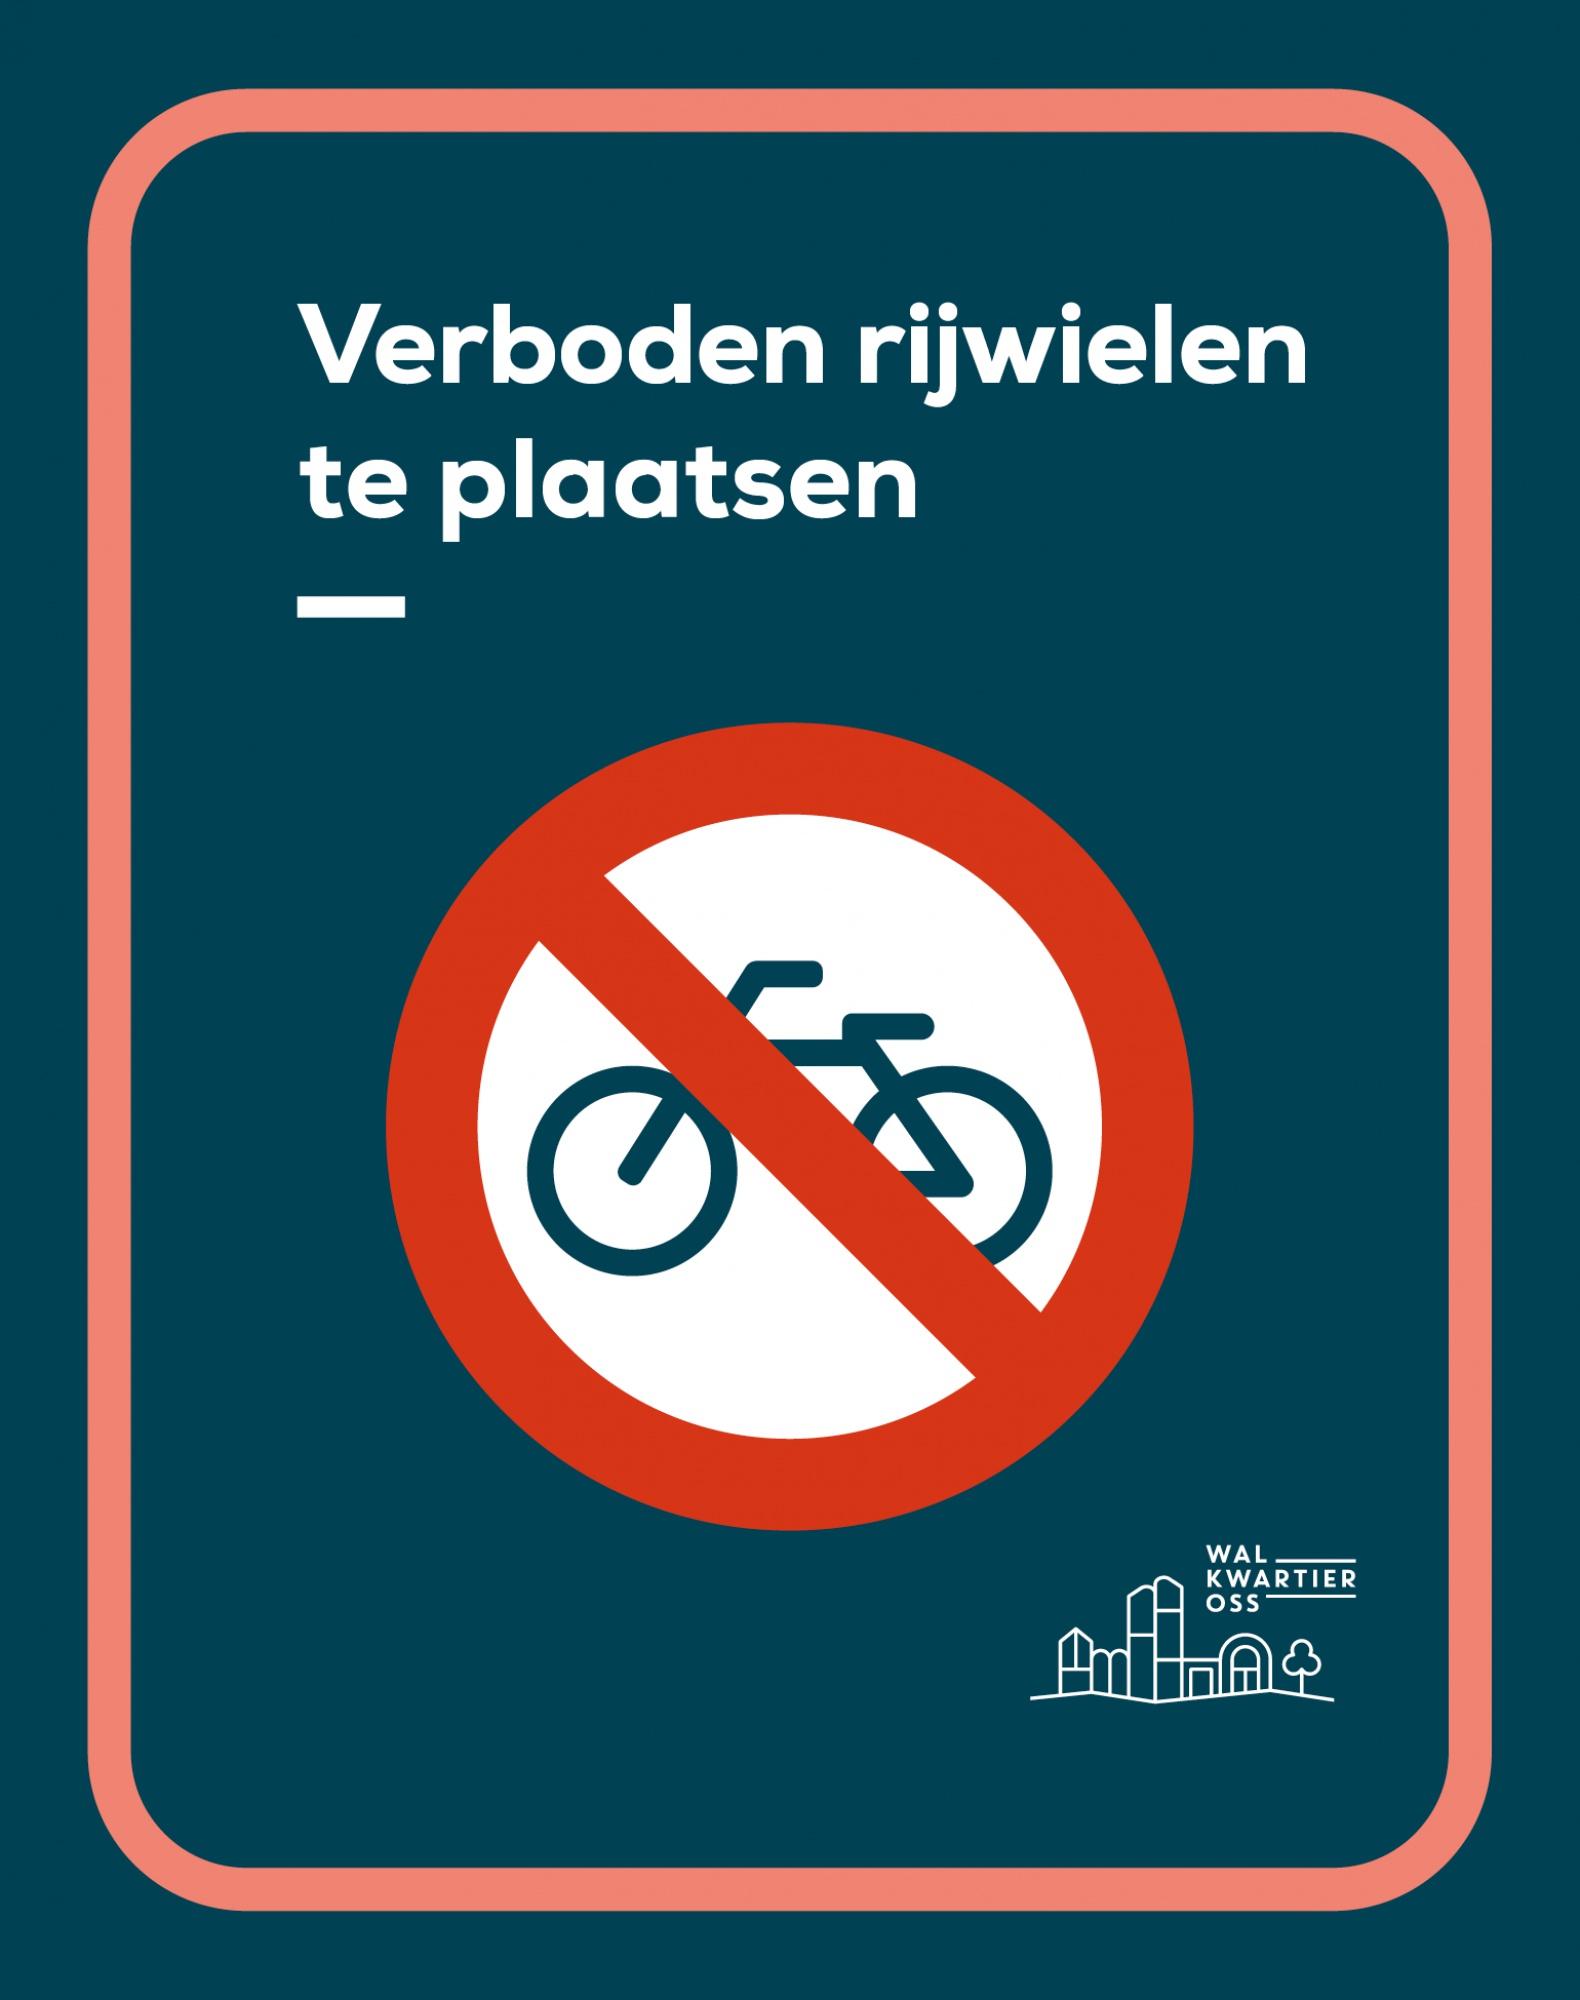 Verkeersbord verboden rijwielen te plaatsen